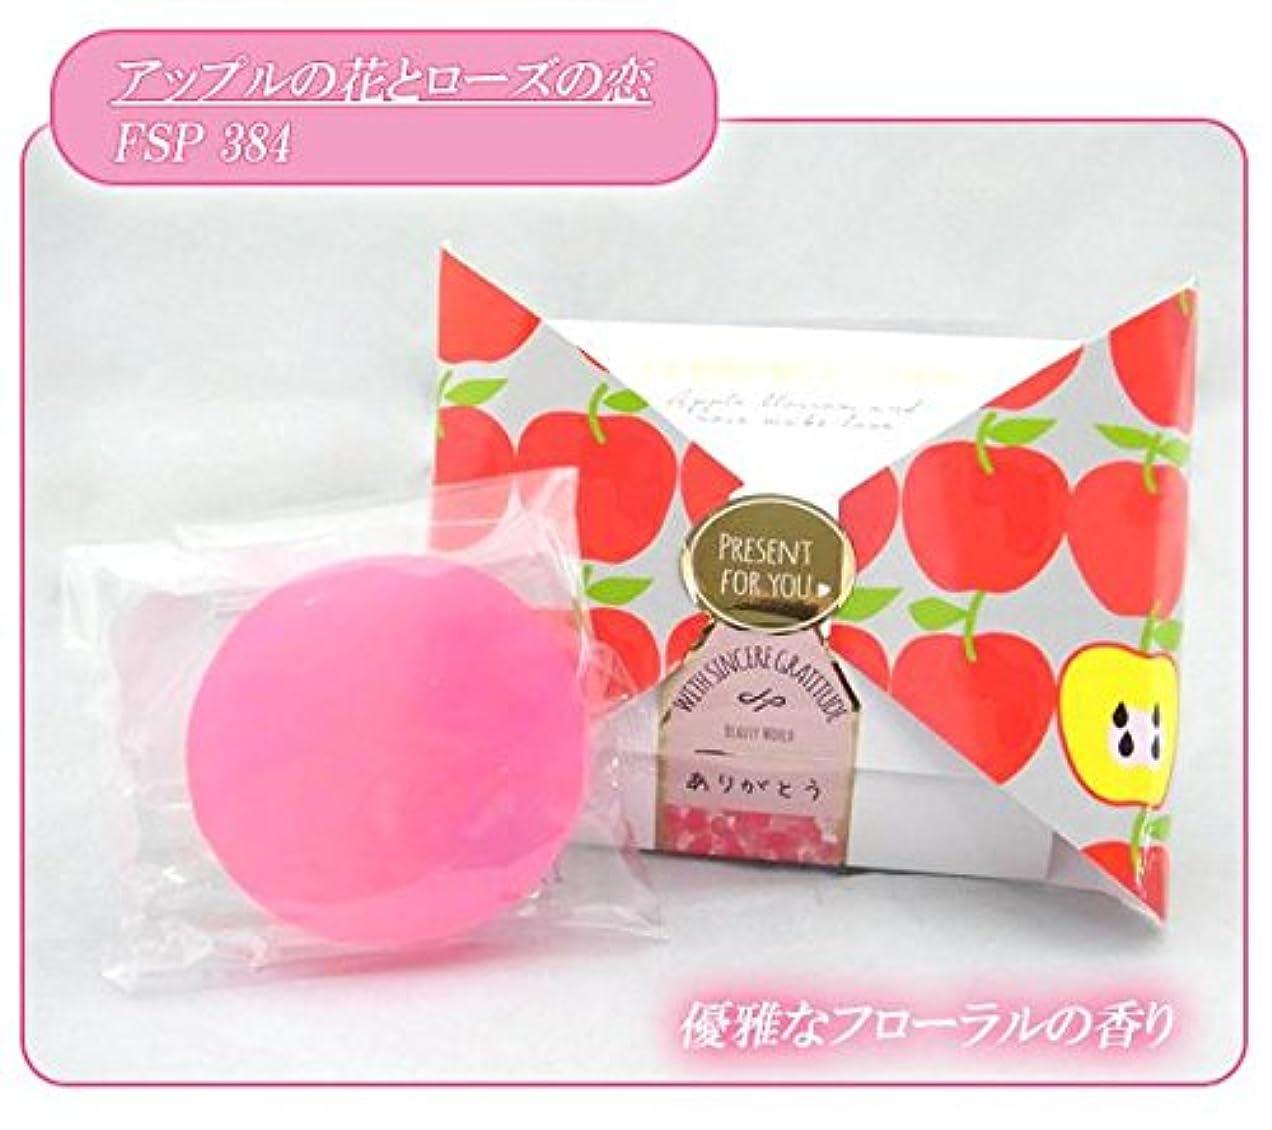 濃度対応狂うビューティーワールド BWフローレンスの香り石けん リボンパッケージ 6個セット アップルの花とローズの恋